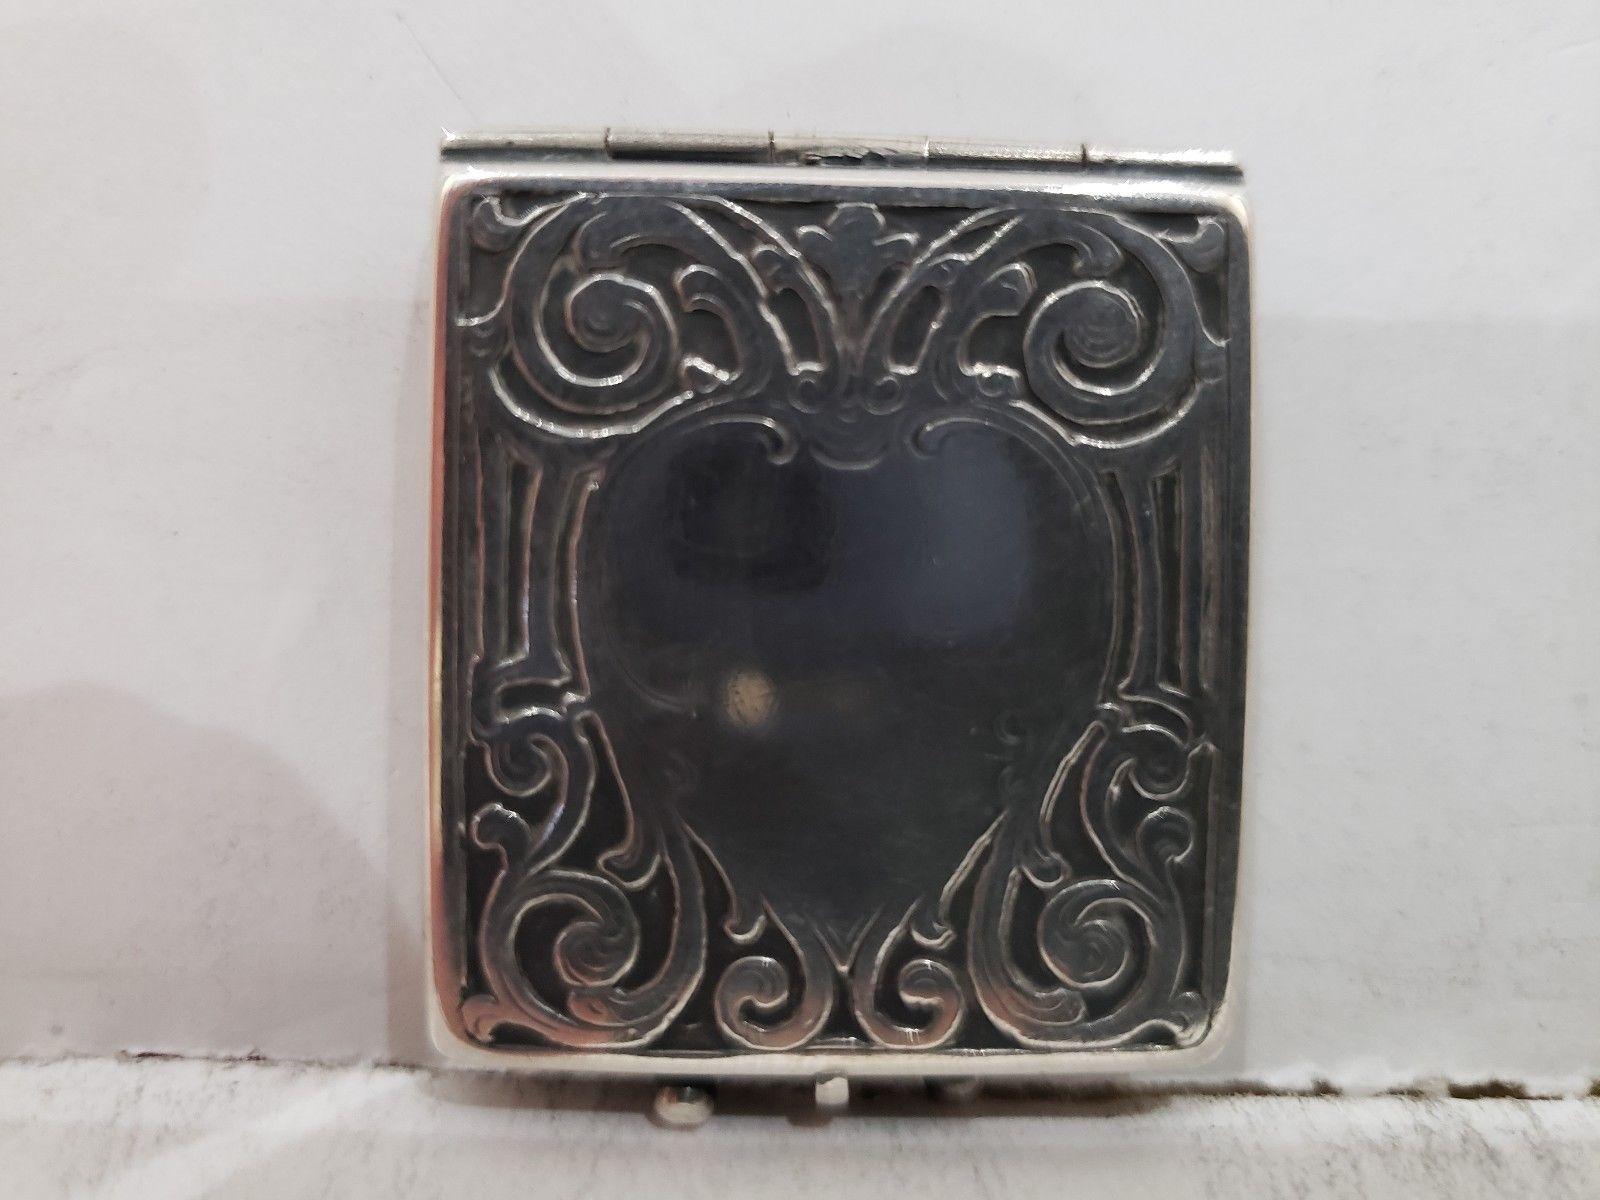 Antique Fraternal Elks BPOE Sterling Silver Card Case / Enameled Plague -1900's image 4